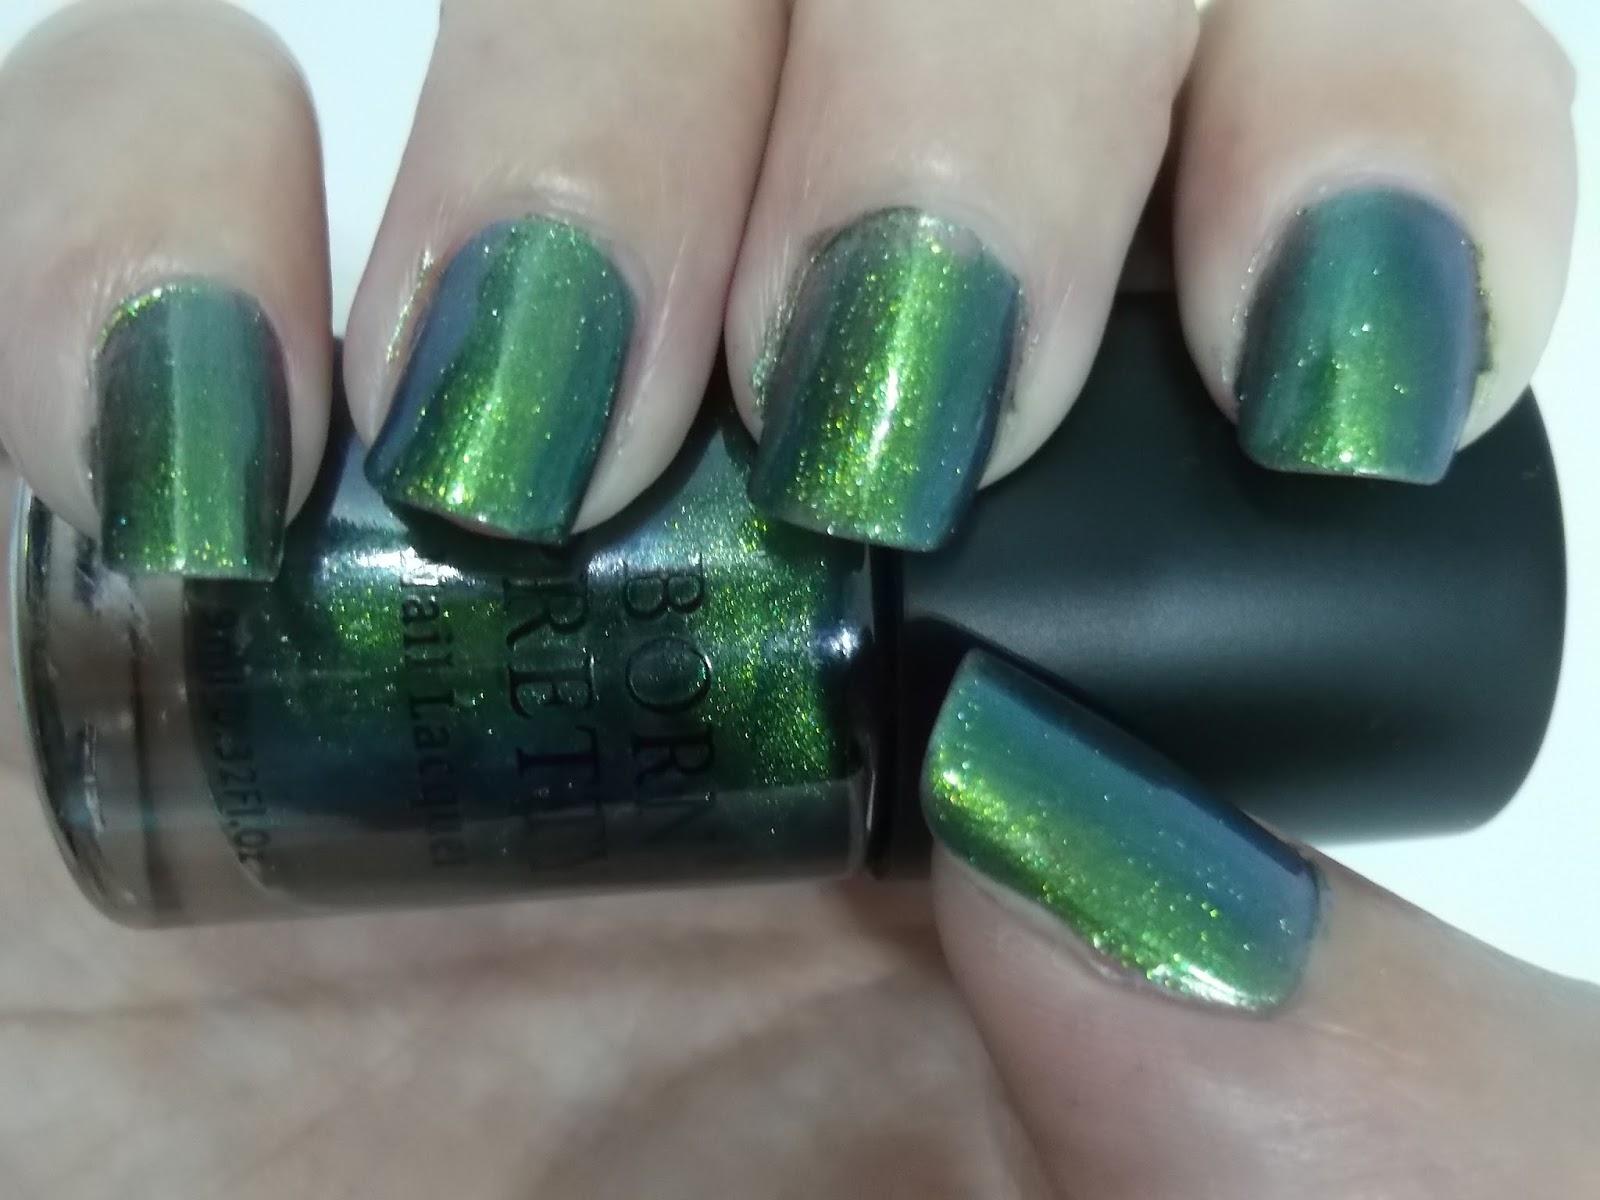 Belswan: Esmaltes de uñas de Née Jolie y manicuras